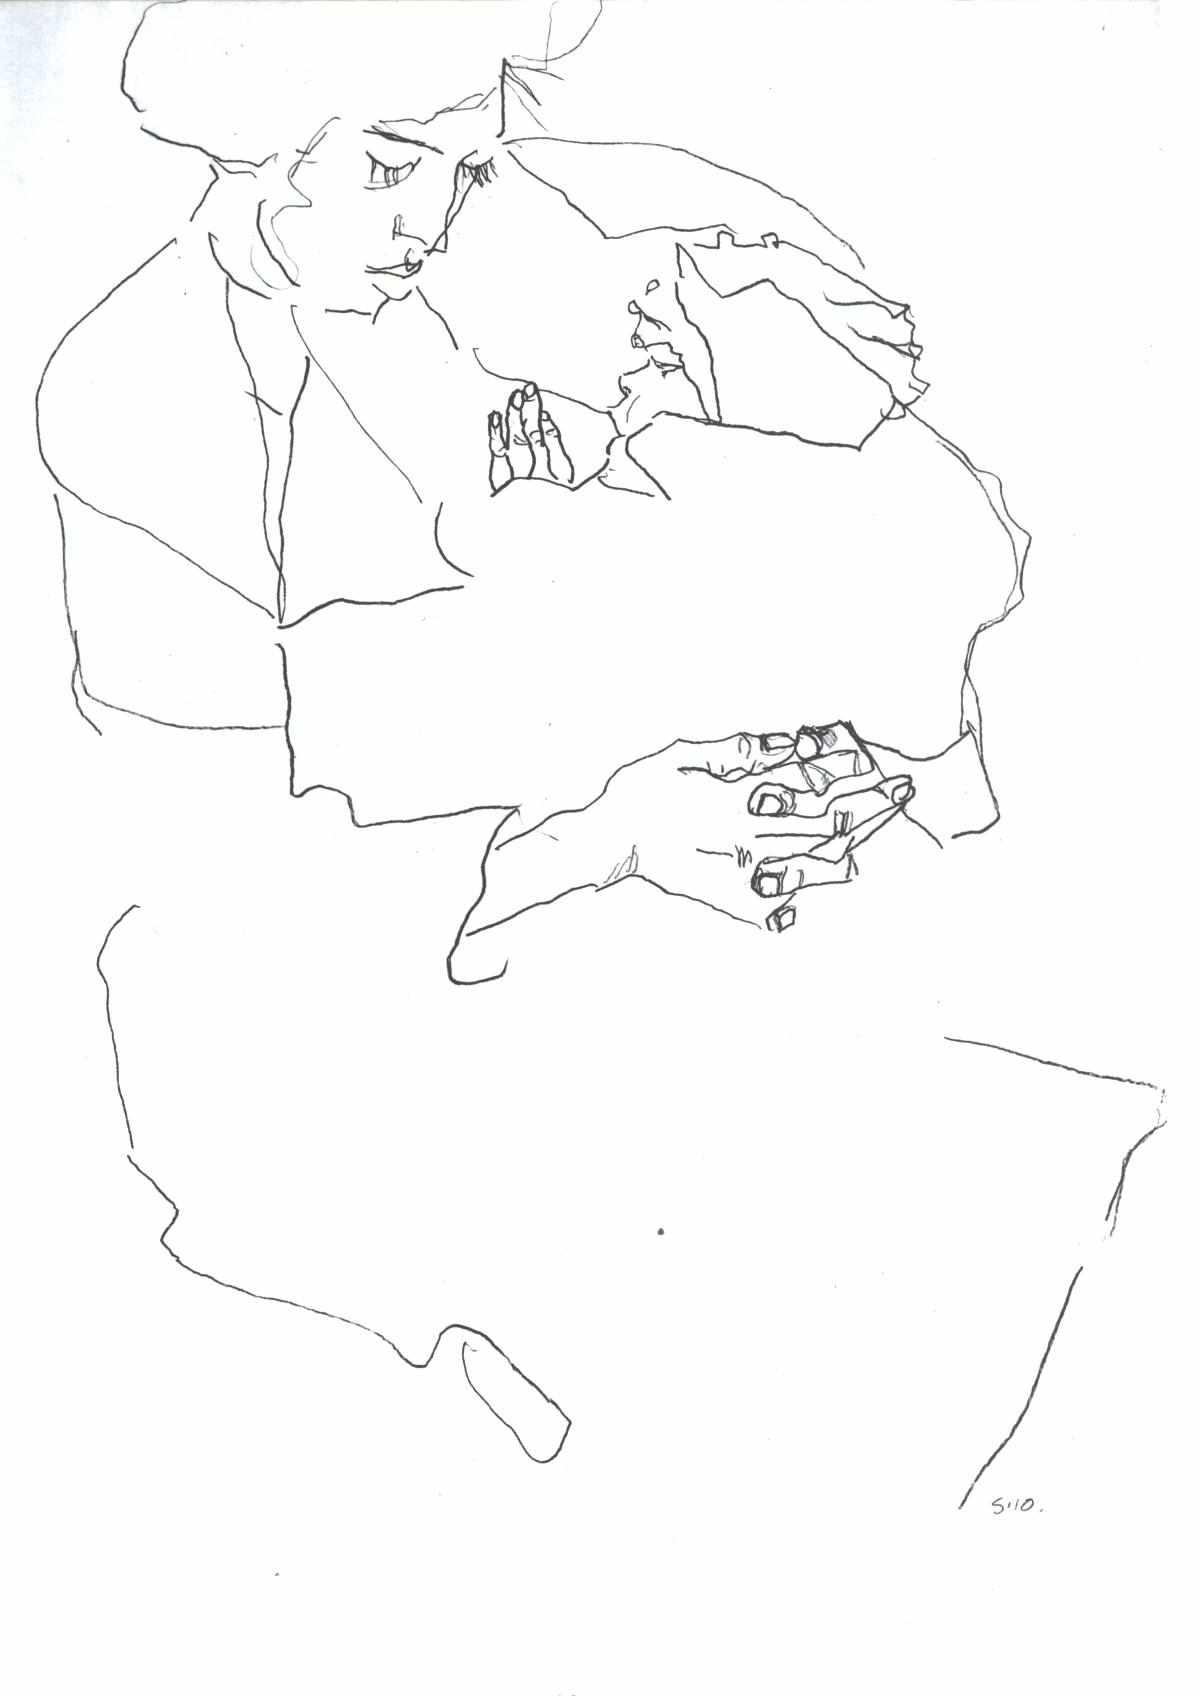 jpg transparent stock Countour drawing. Contour wikipedia